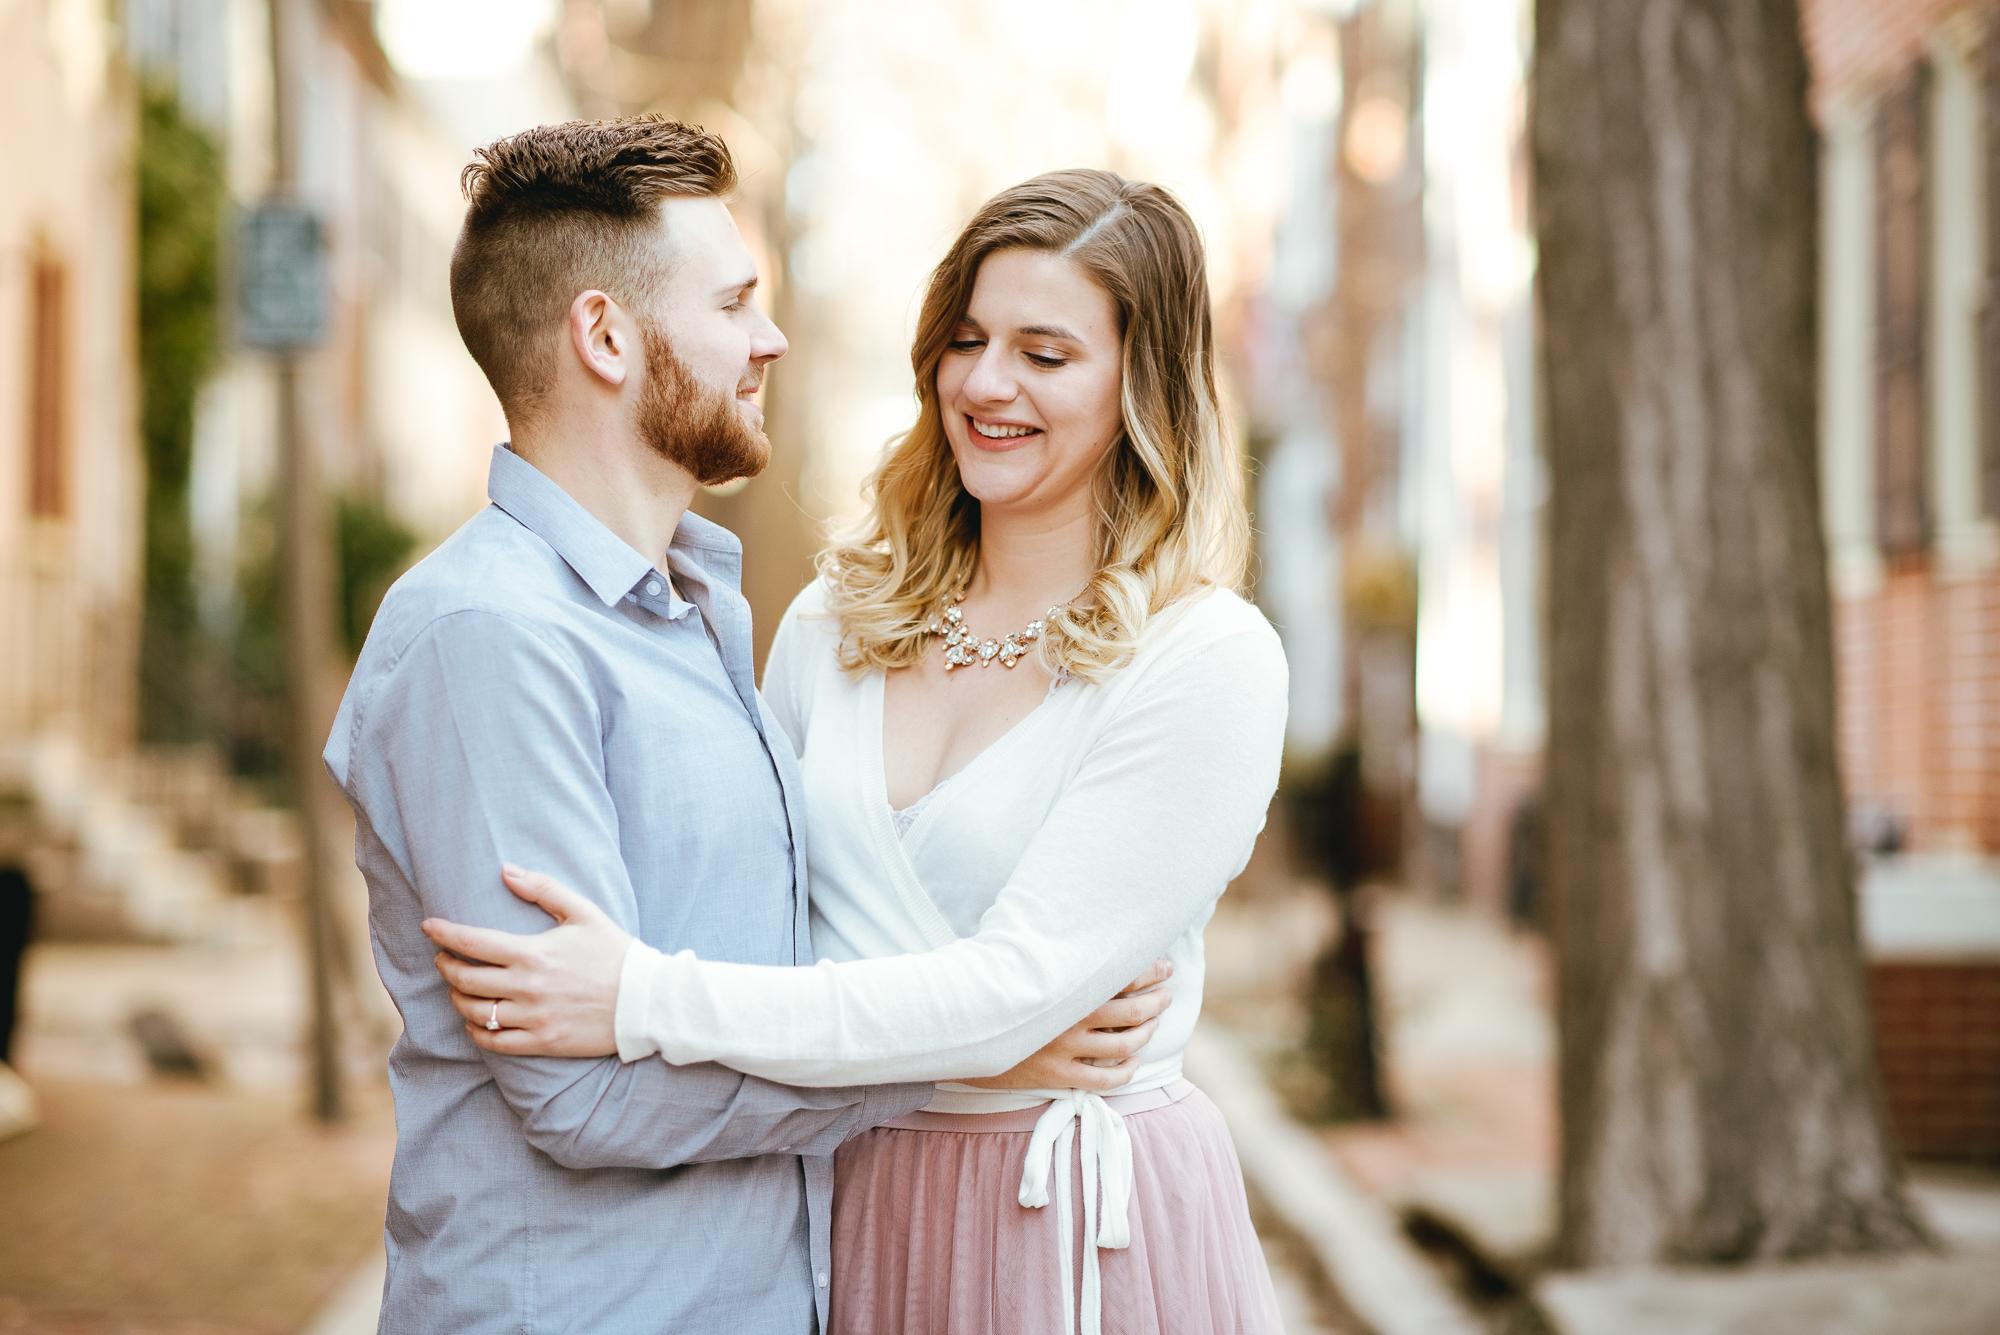 Philadelphia-PA-Engagement-Photographer-Peaberry-Photo-Wedding-Photography-14.jpg